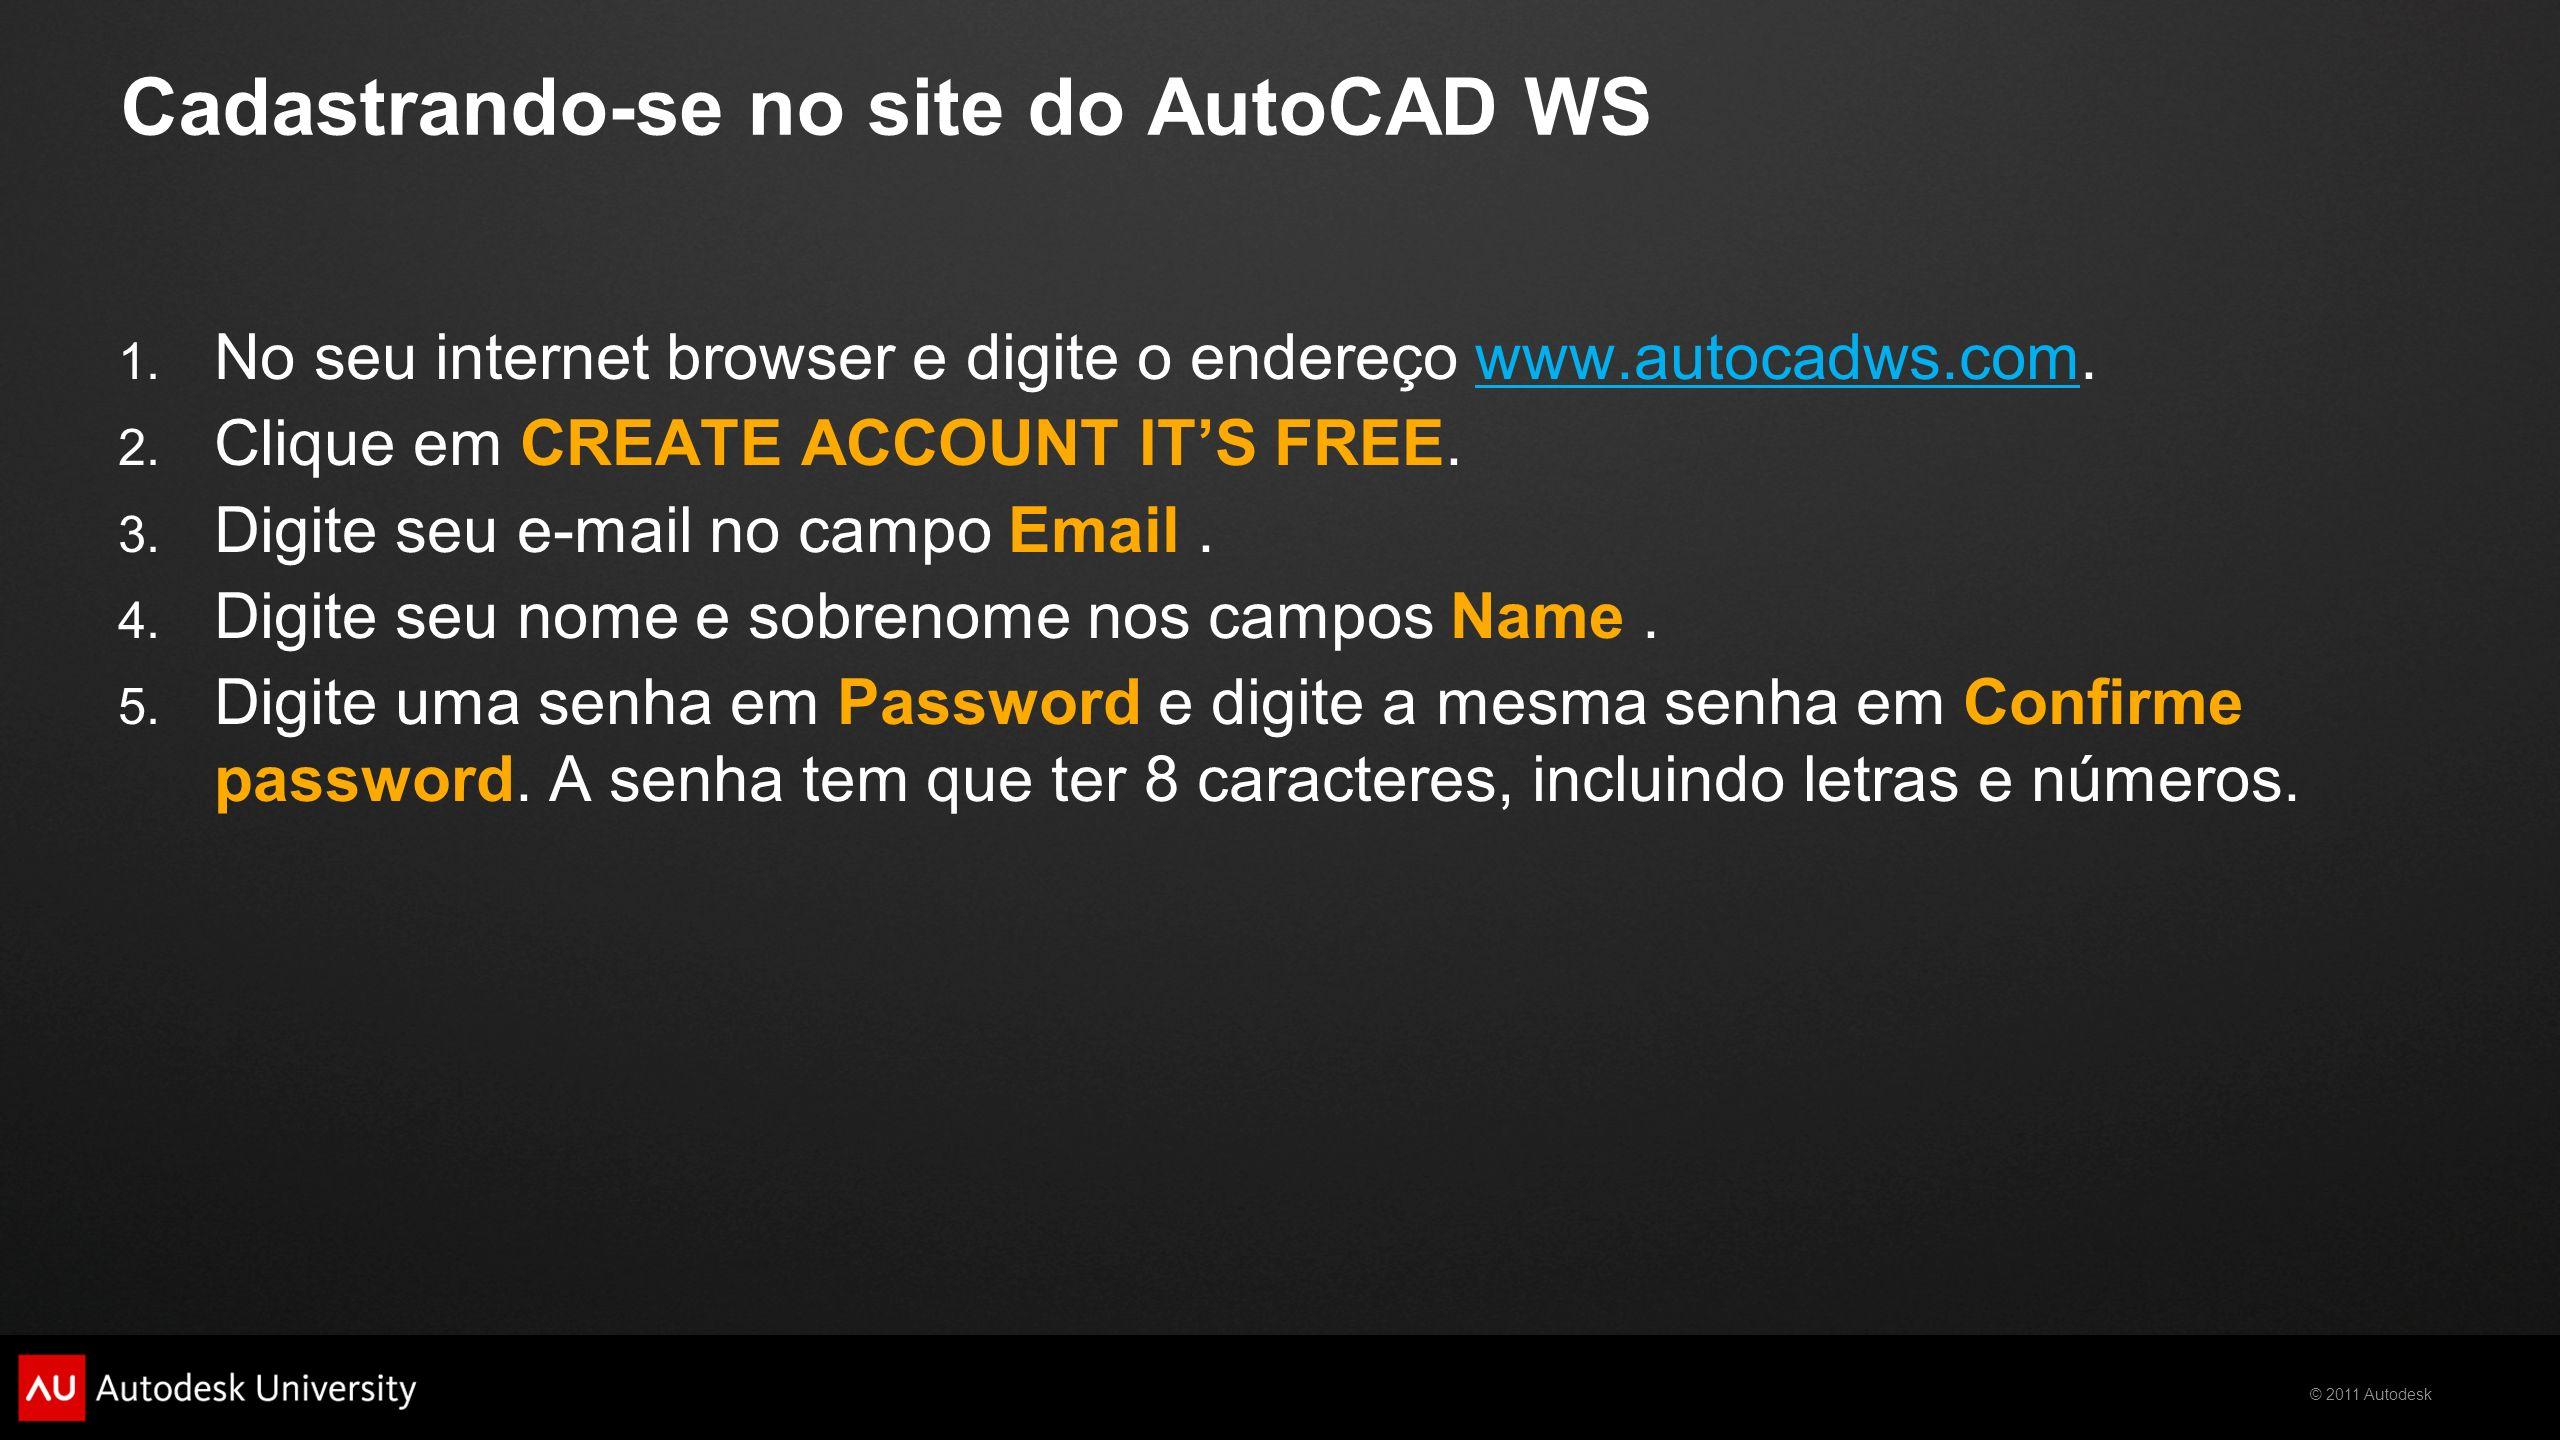 © 2011 Autodesk Cadastrando-se no site do AutoCAD WS 1. No seu internet browser e digite o endereço www.autocadws.com.www.autocadws.com 2. Clique em C